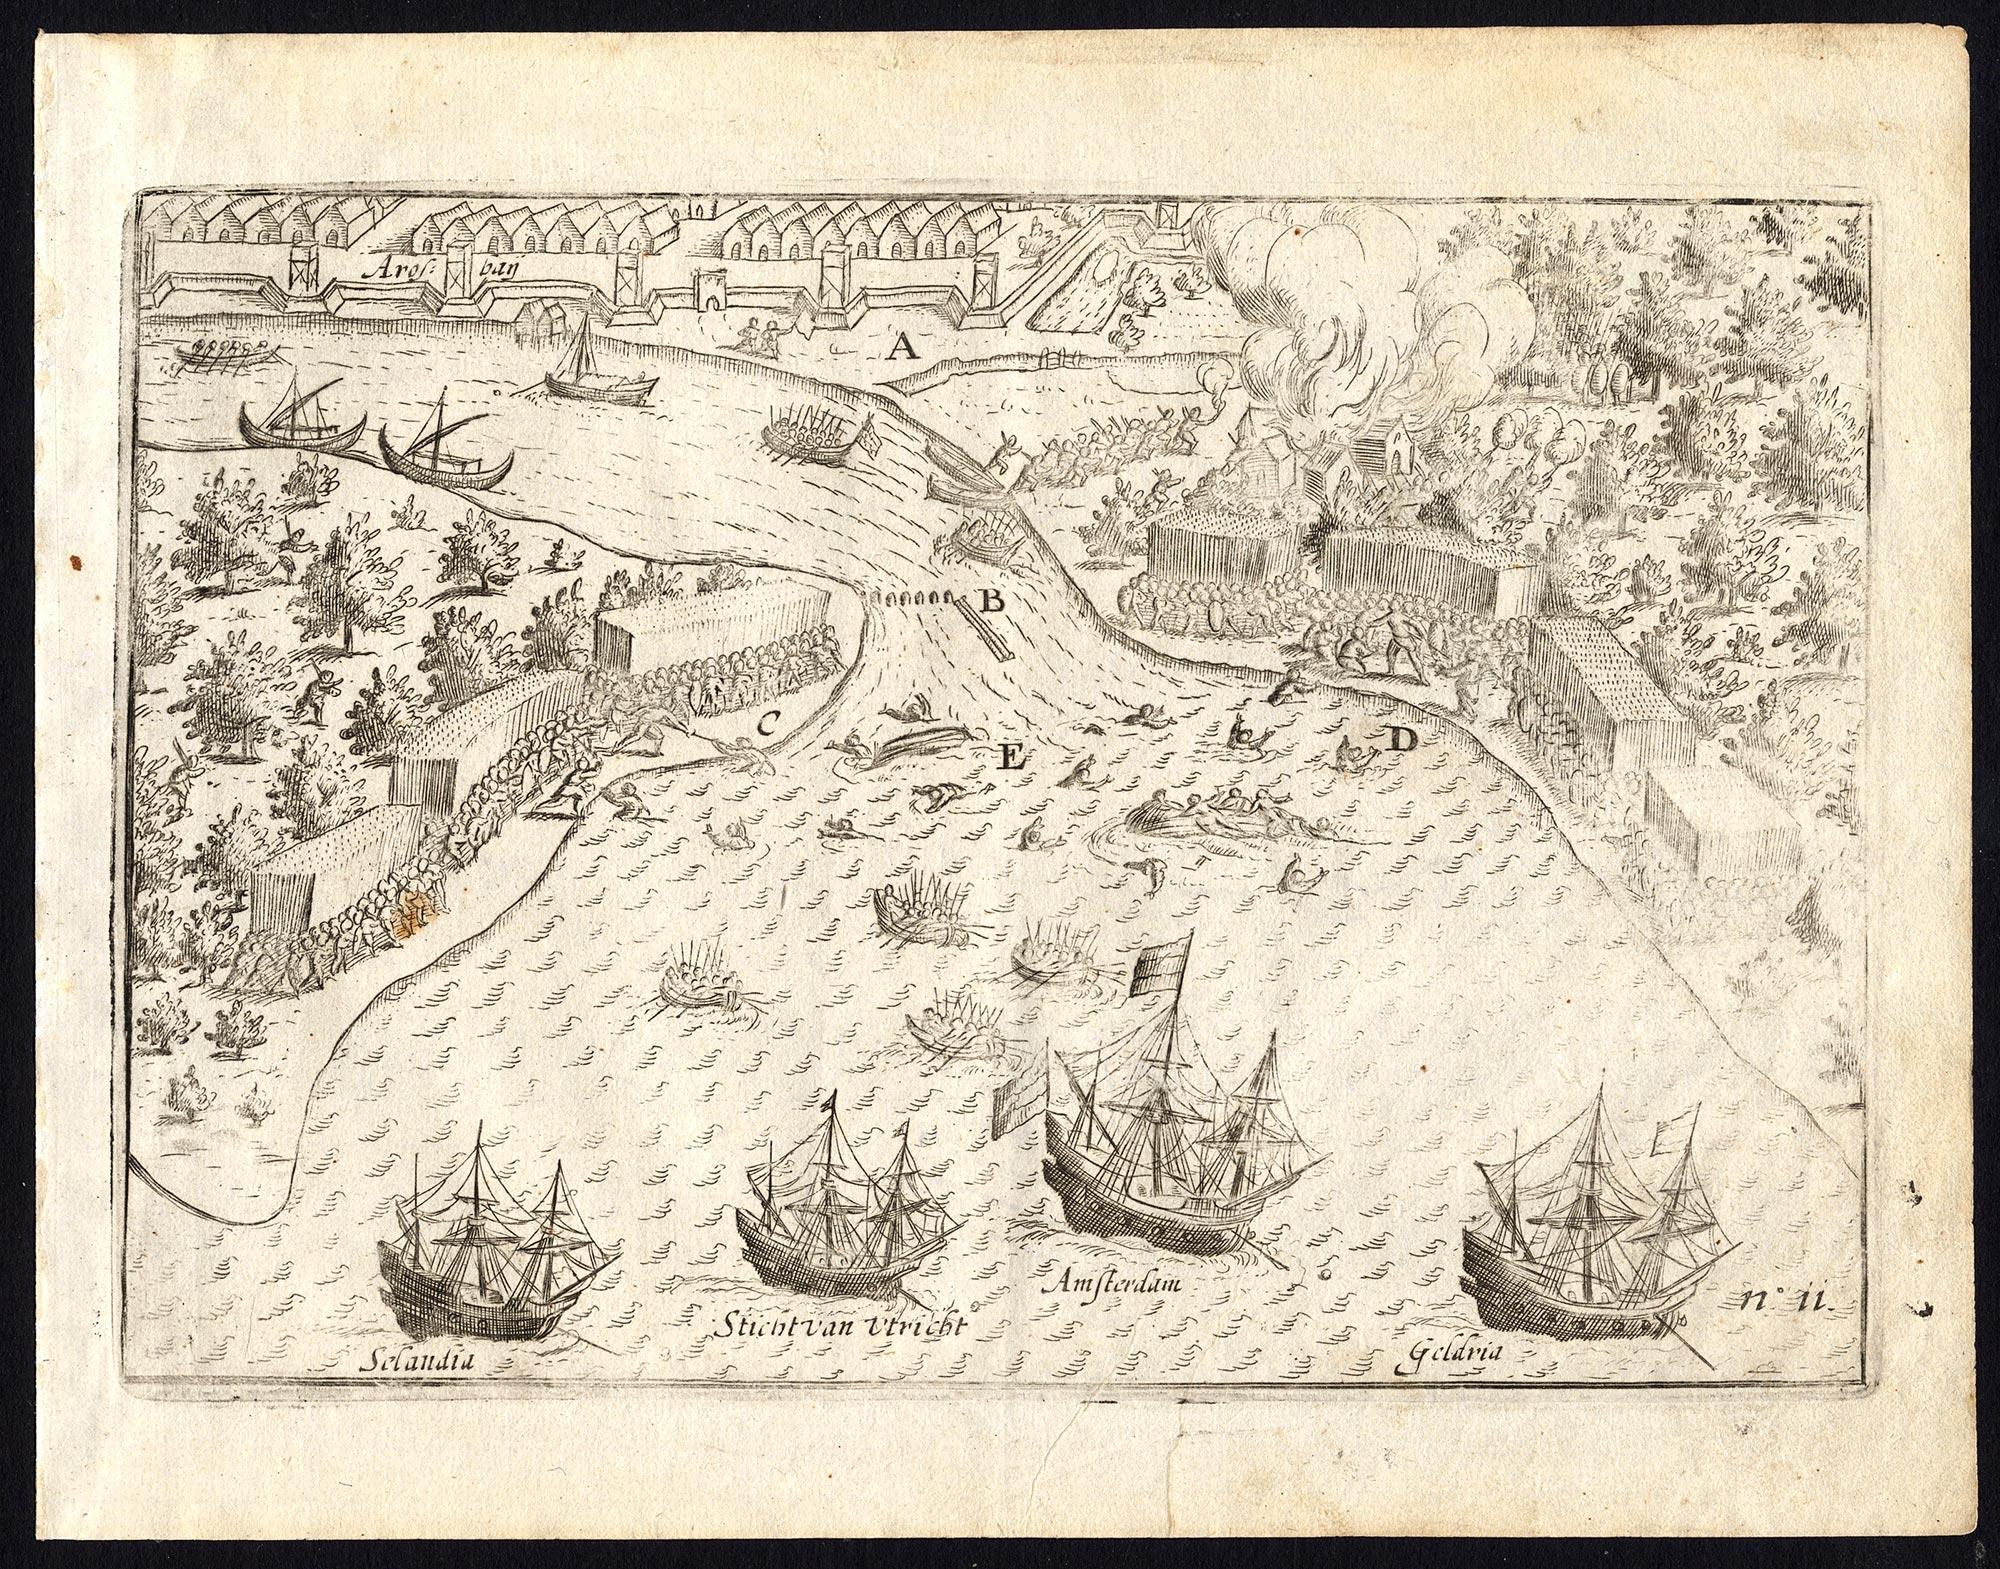 Pl.11 The Dutch VOC ships arriving at Arosbay - Commelin (1646)